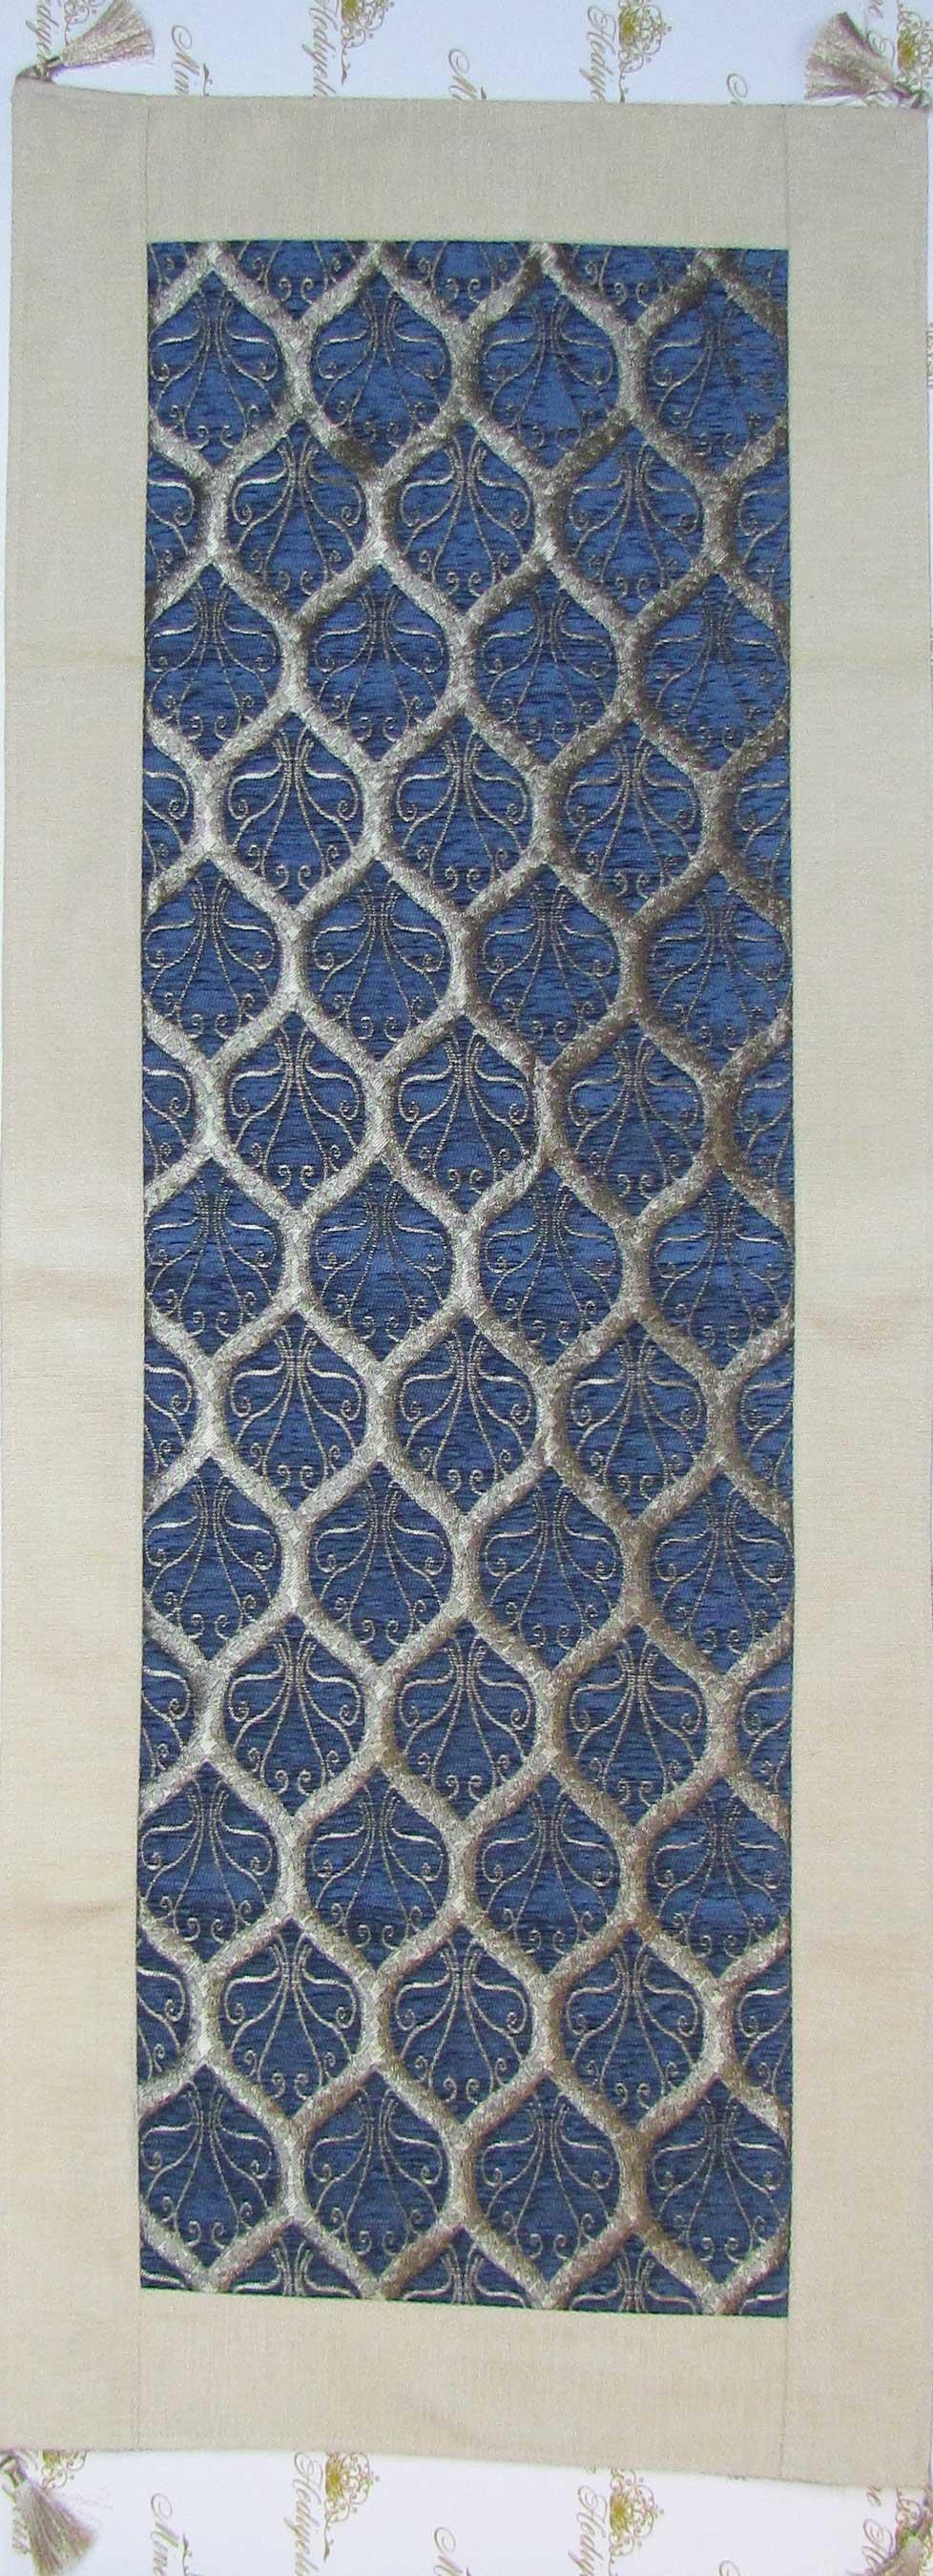 Tavuskuşu Mavi Desenli Rannırlar hediyelik geleneksel tekstil ürünleri